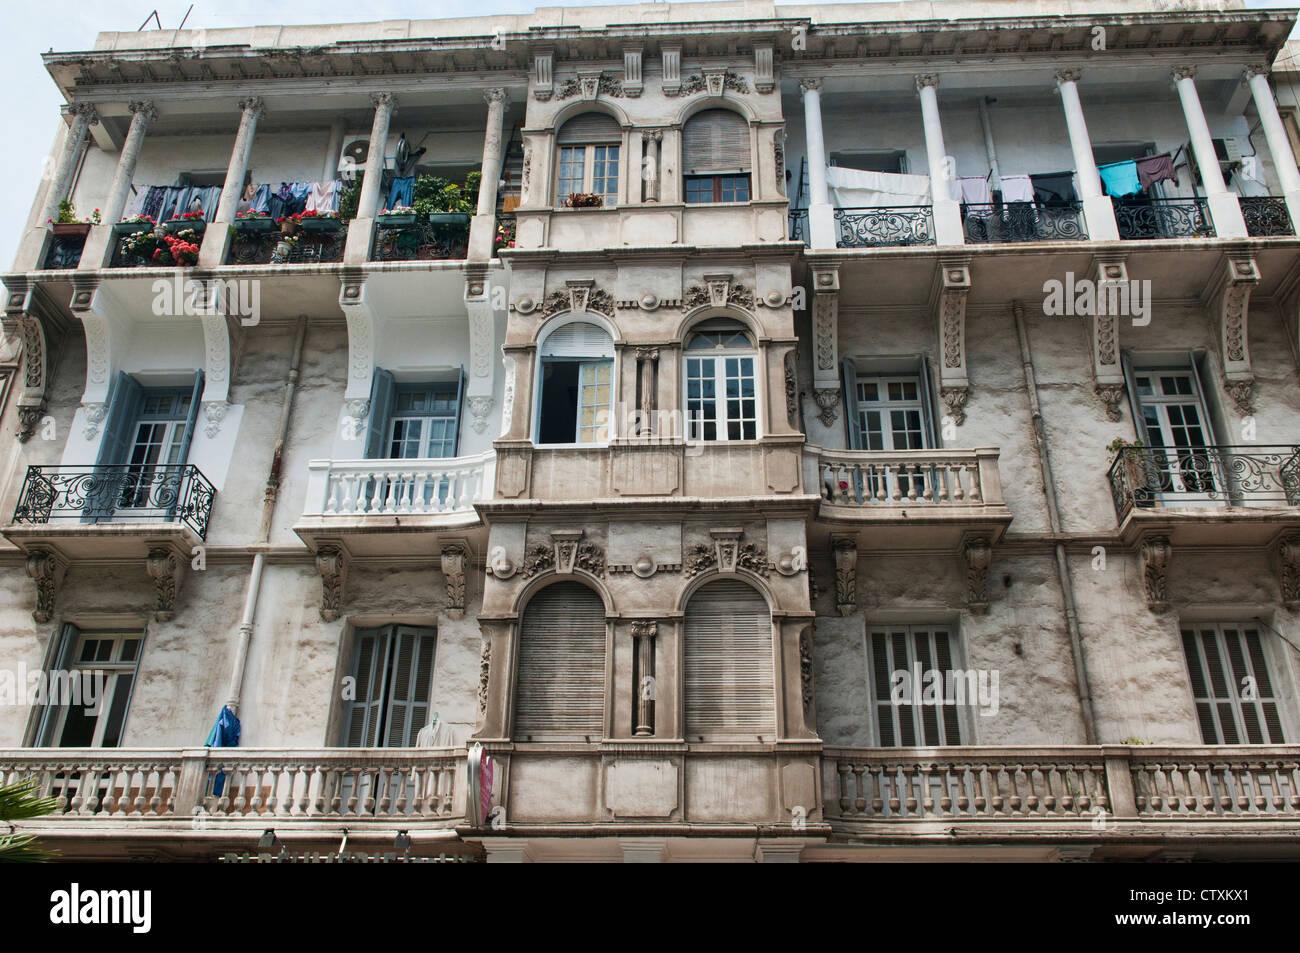 Architettura art deco in Casablanca, Marocco Immagini Stock